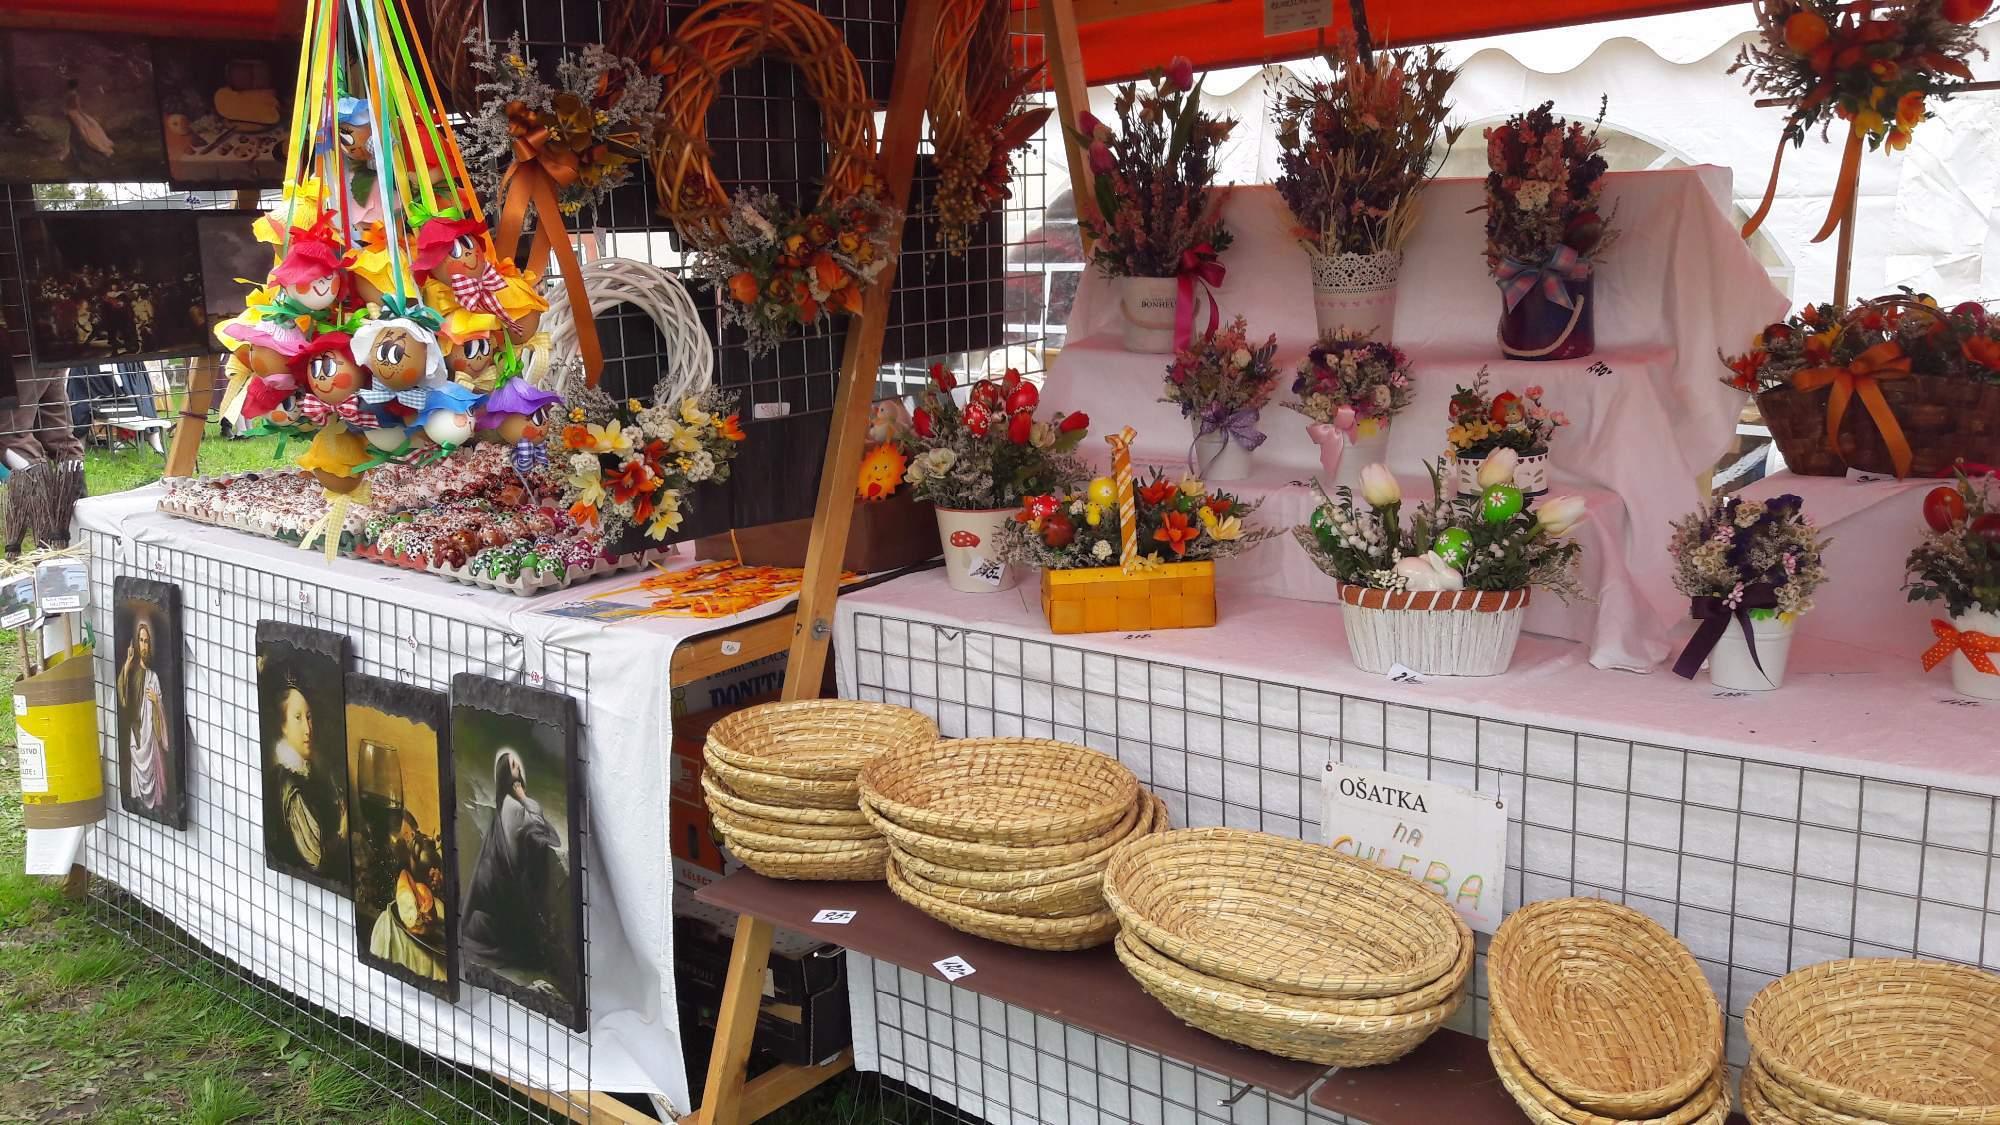 Návštěvníci si v Mimoni mohli koupit předměty s jarní tematikou. Foto: Pavlína Černá